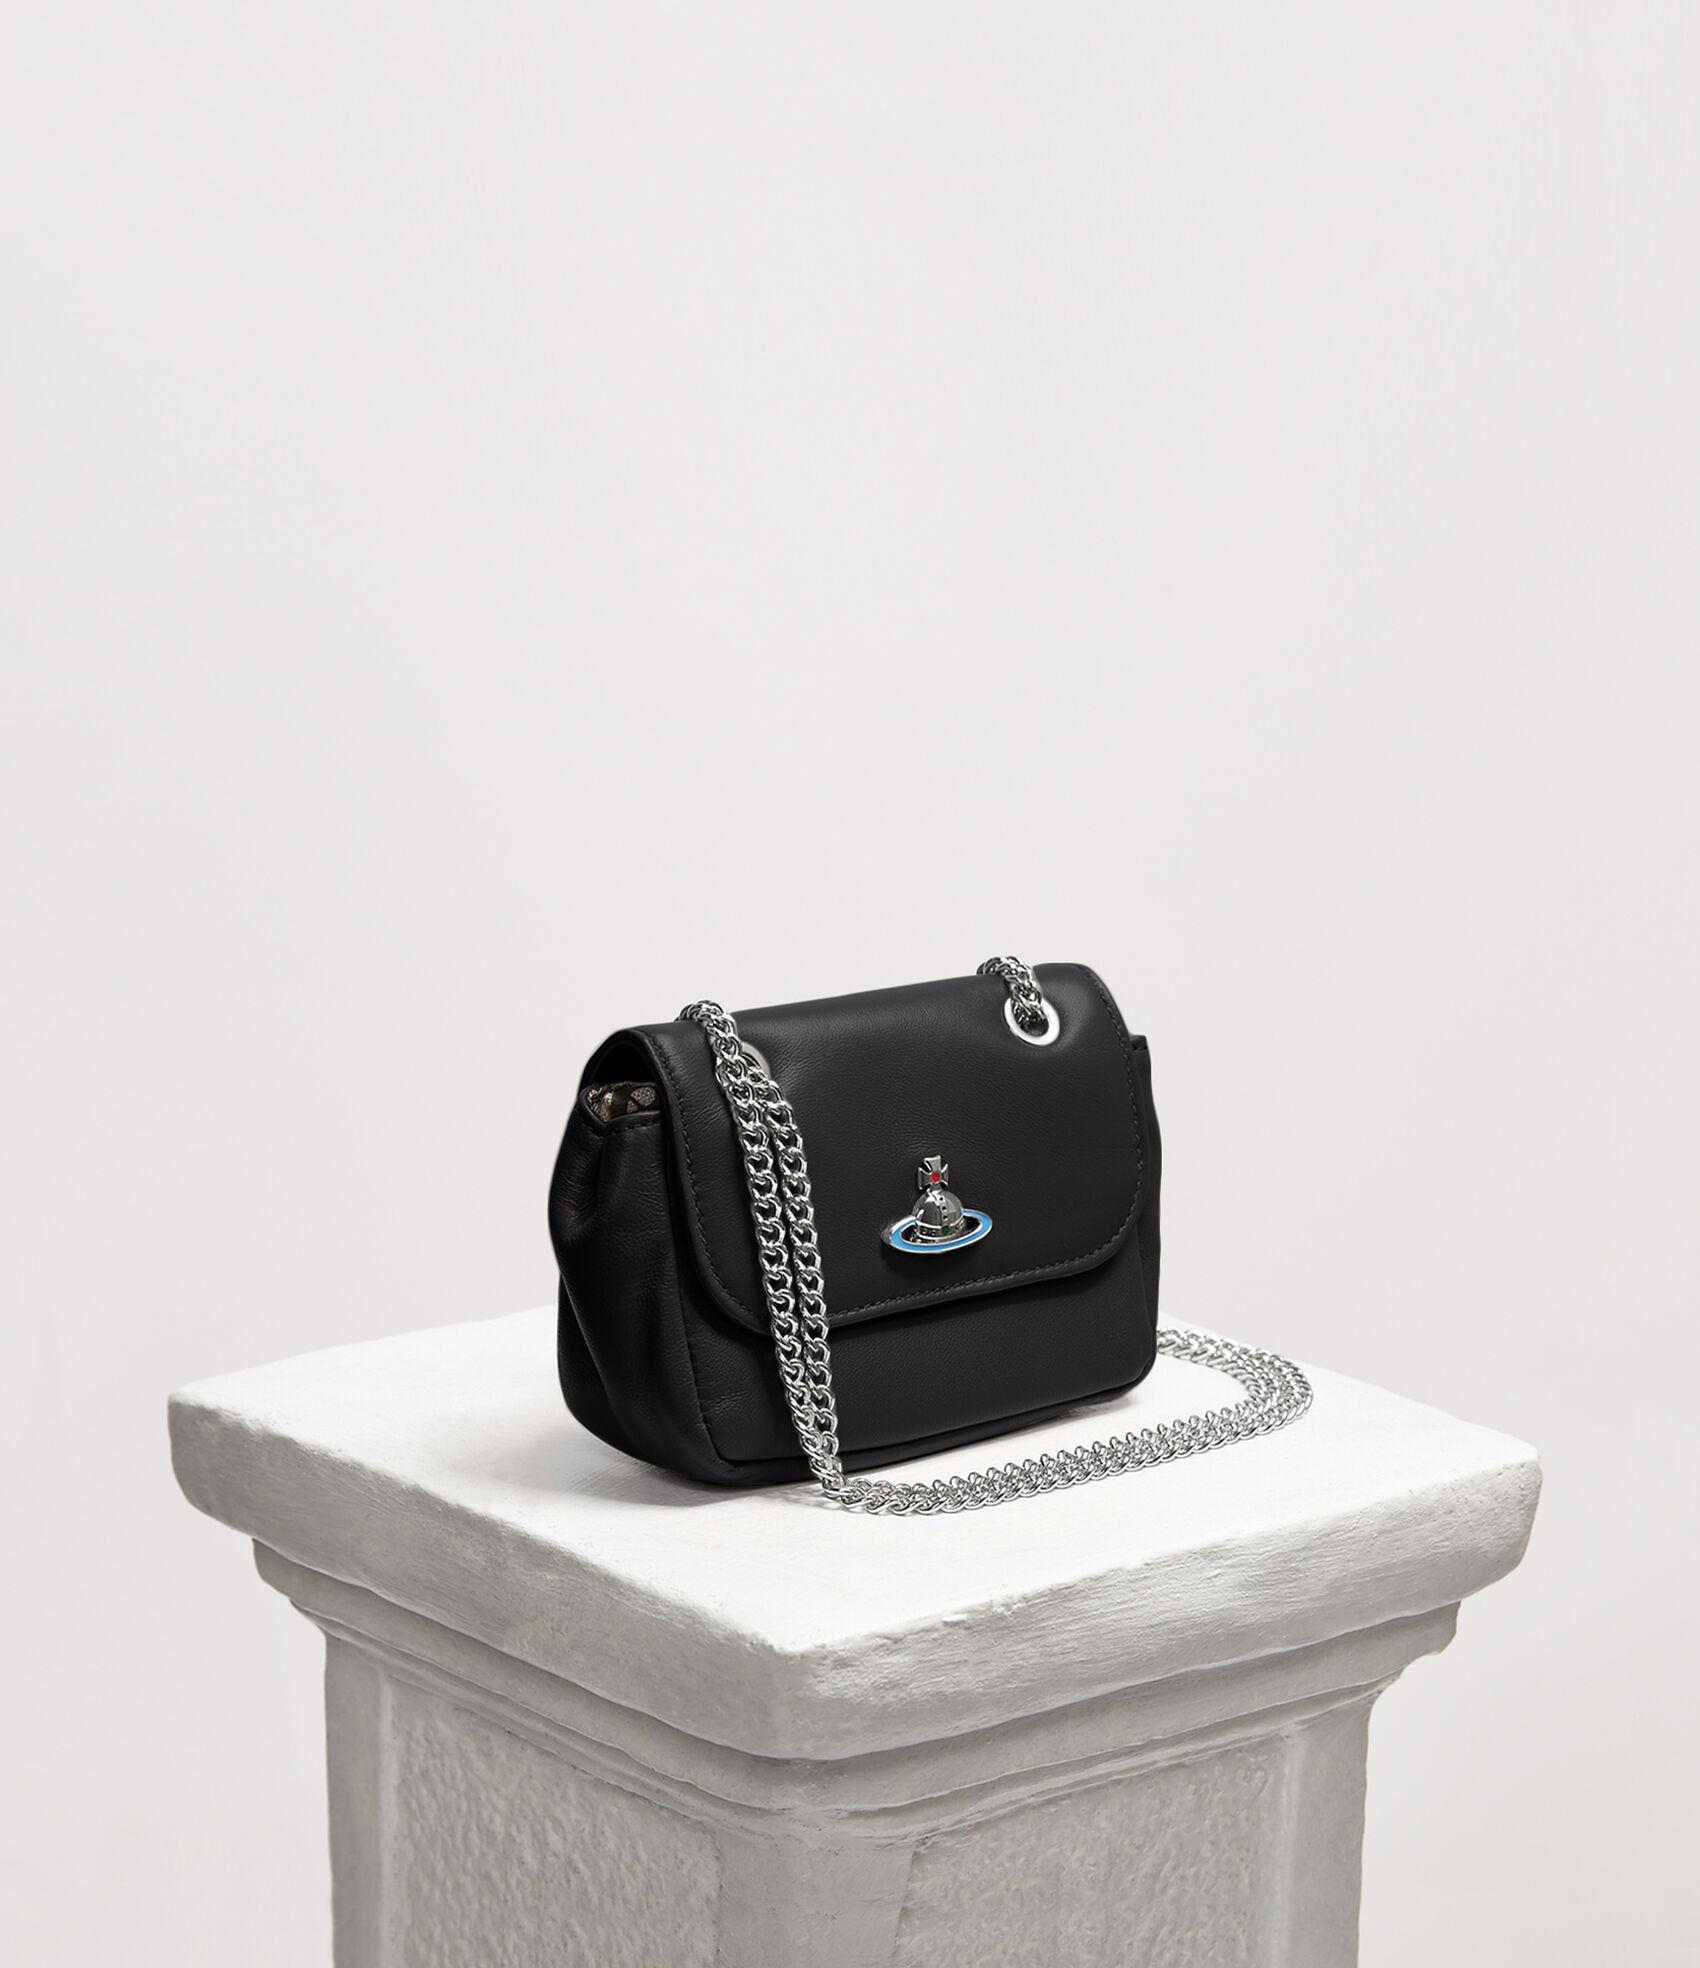 eedeb2849eb Vivienne Westwood Women's Designer Wallets and Purses | Vivienne Westwood - Emma  Purse With Chain Black